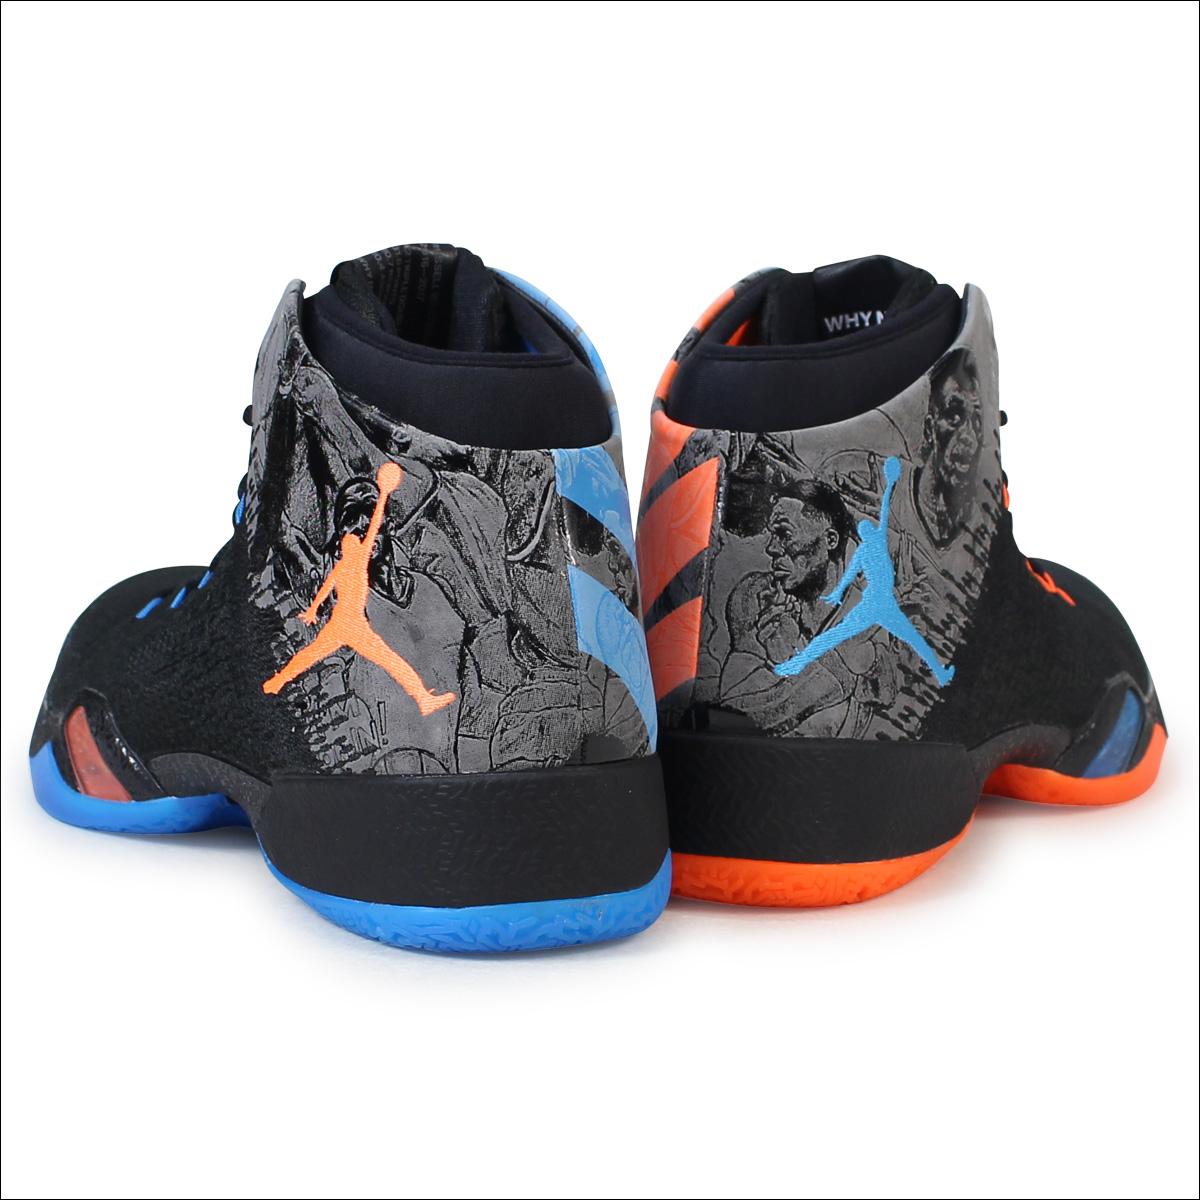 547b29001e9 ... NIKE Nike Air Jordan 31 sneakers AIR JORDAN XXXI Russell Westbrook MVP  AA9794-023 men